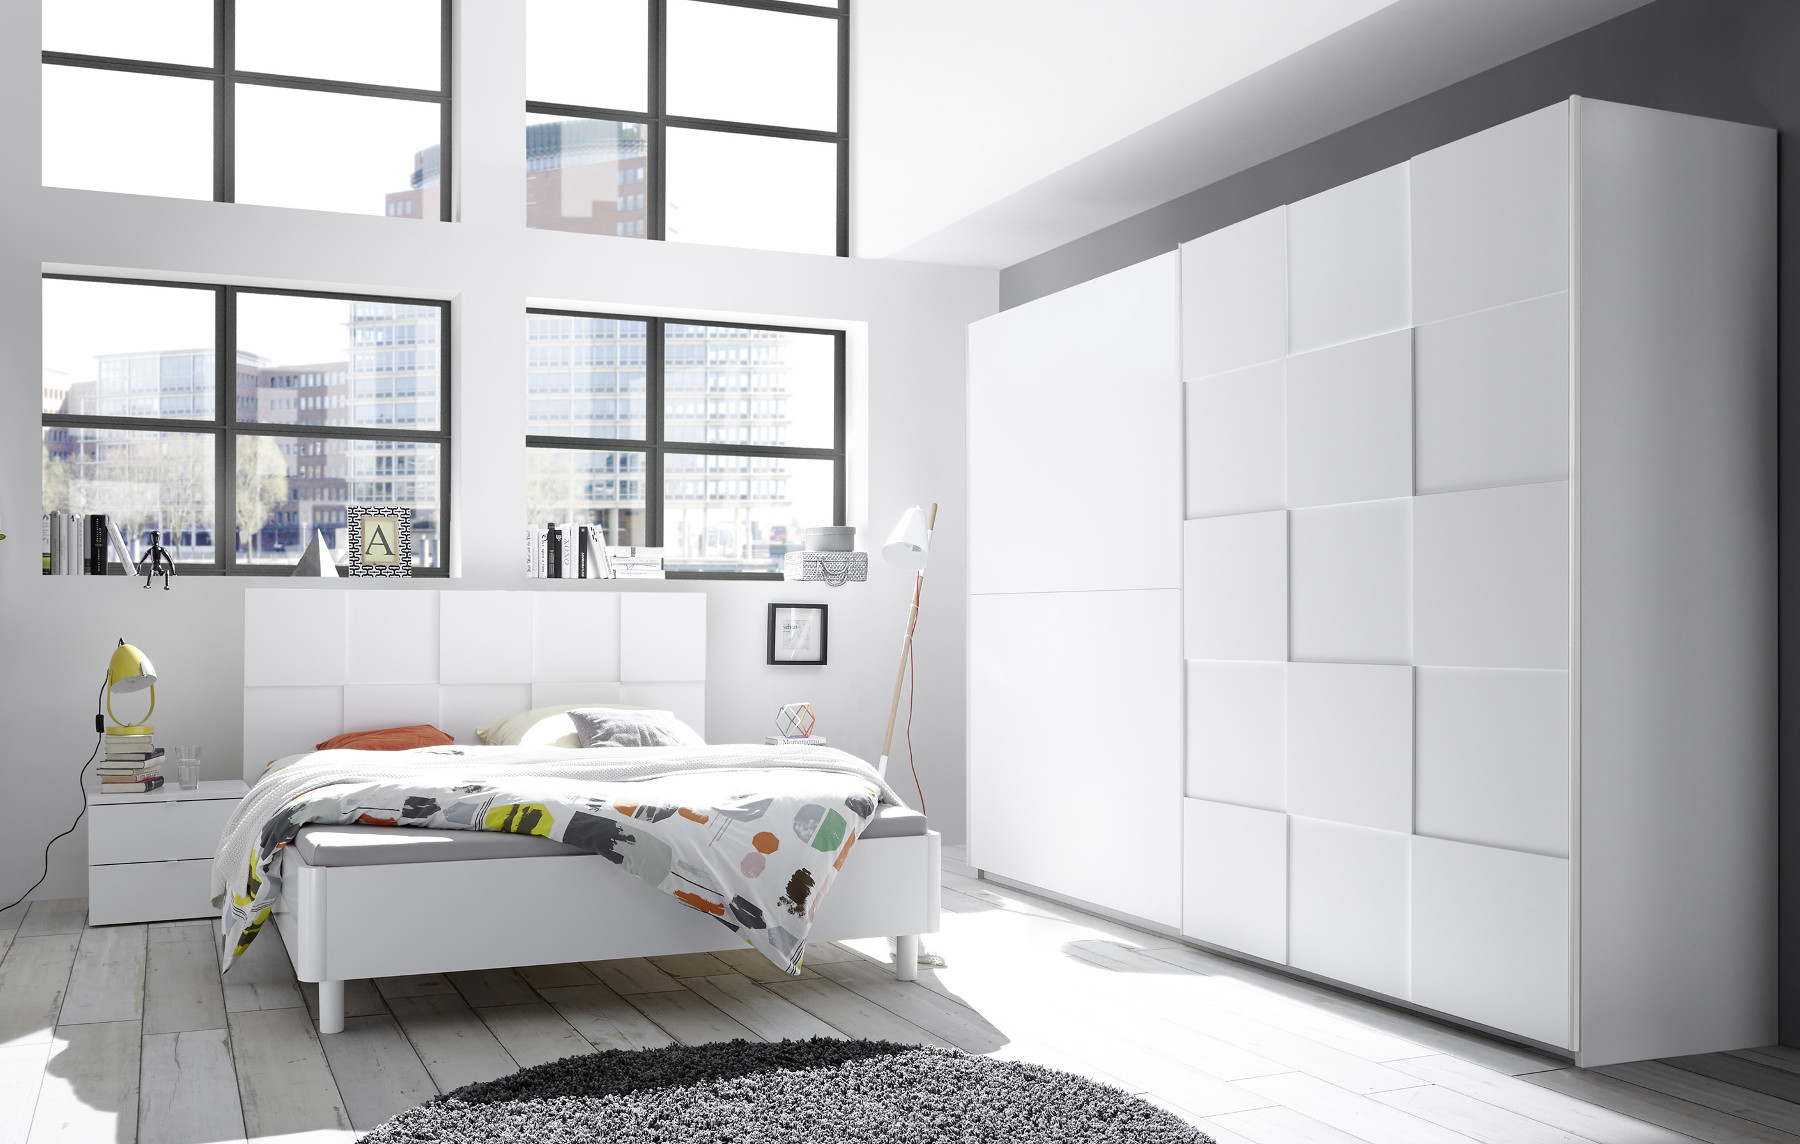 Full Size of Schlafzimmer Komplett Set Modern Weiss Massiv Luxus Schlafzimmerset Matt 3d Optik Nicato2 Designermbel Komplettes Deckenleuchte Küche Günstig Nolte Truhe Wohnzimmer Schlafzimmer Komplett Modern